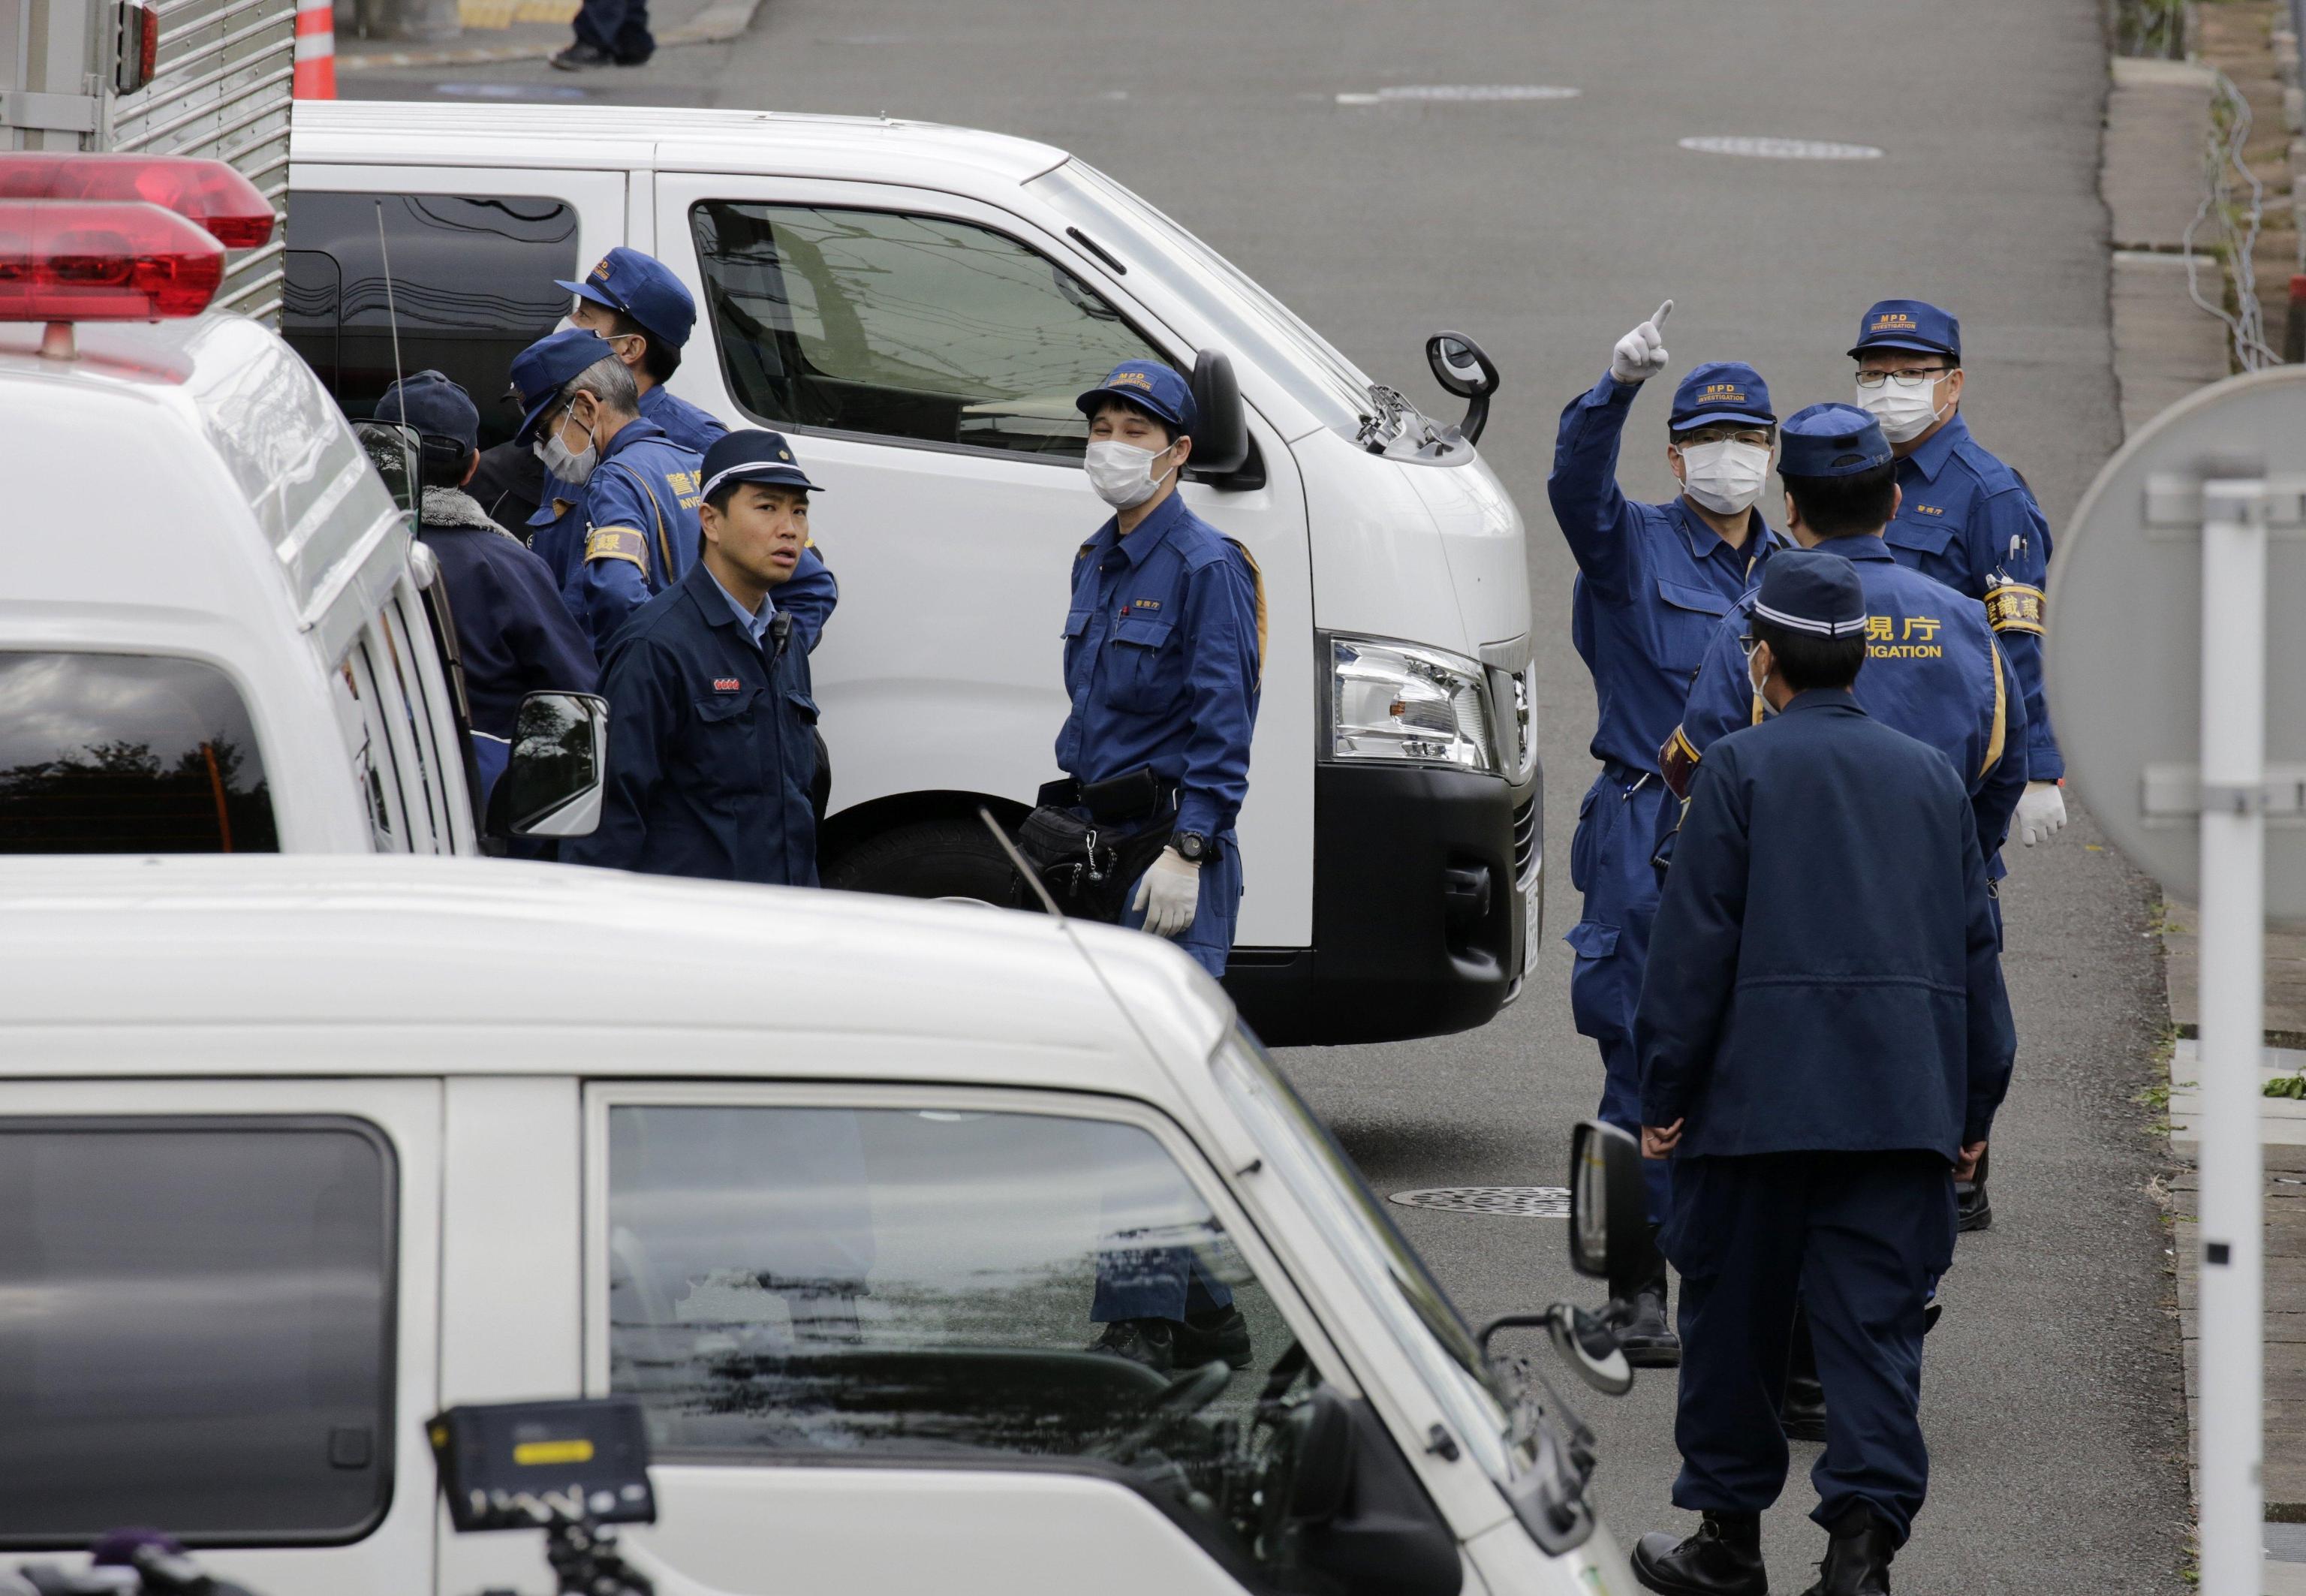 Orrore a Tokyo: 27enne nascondeva in casa 9 cadaveri mutilati